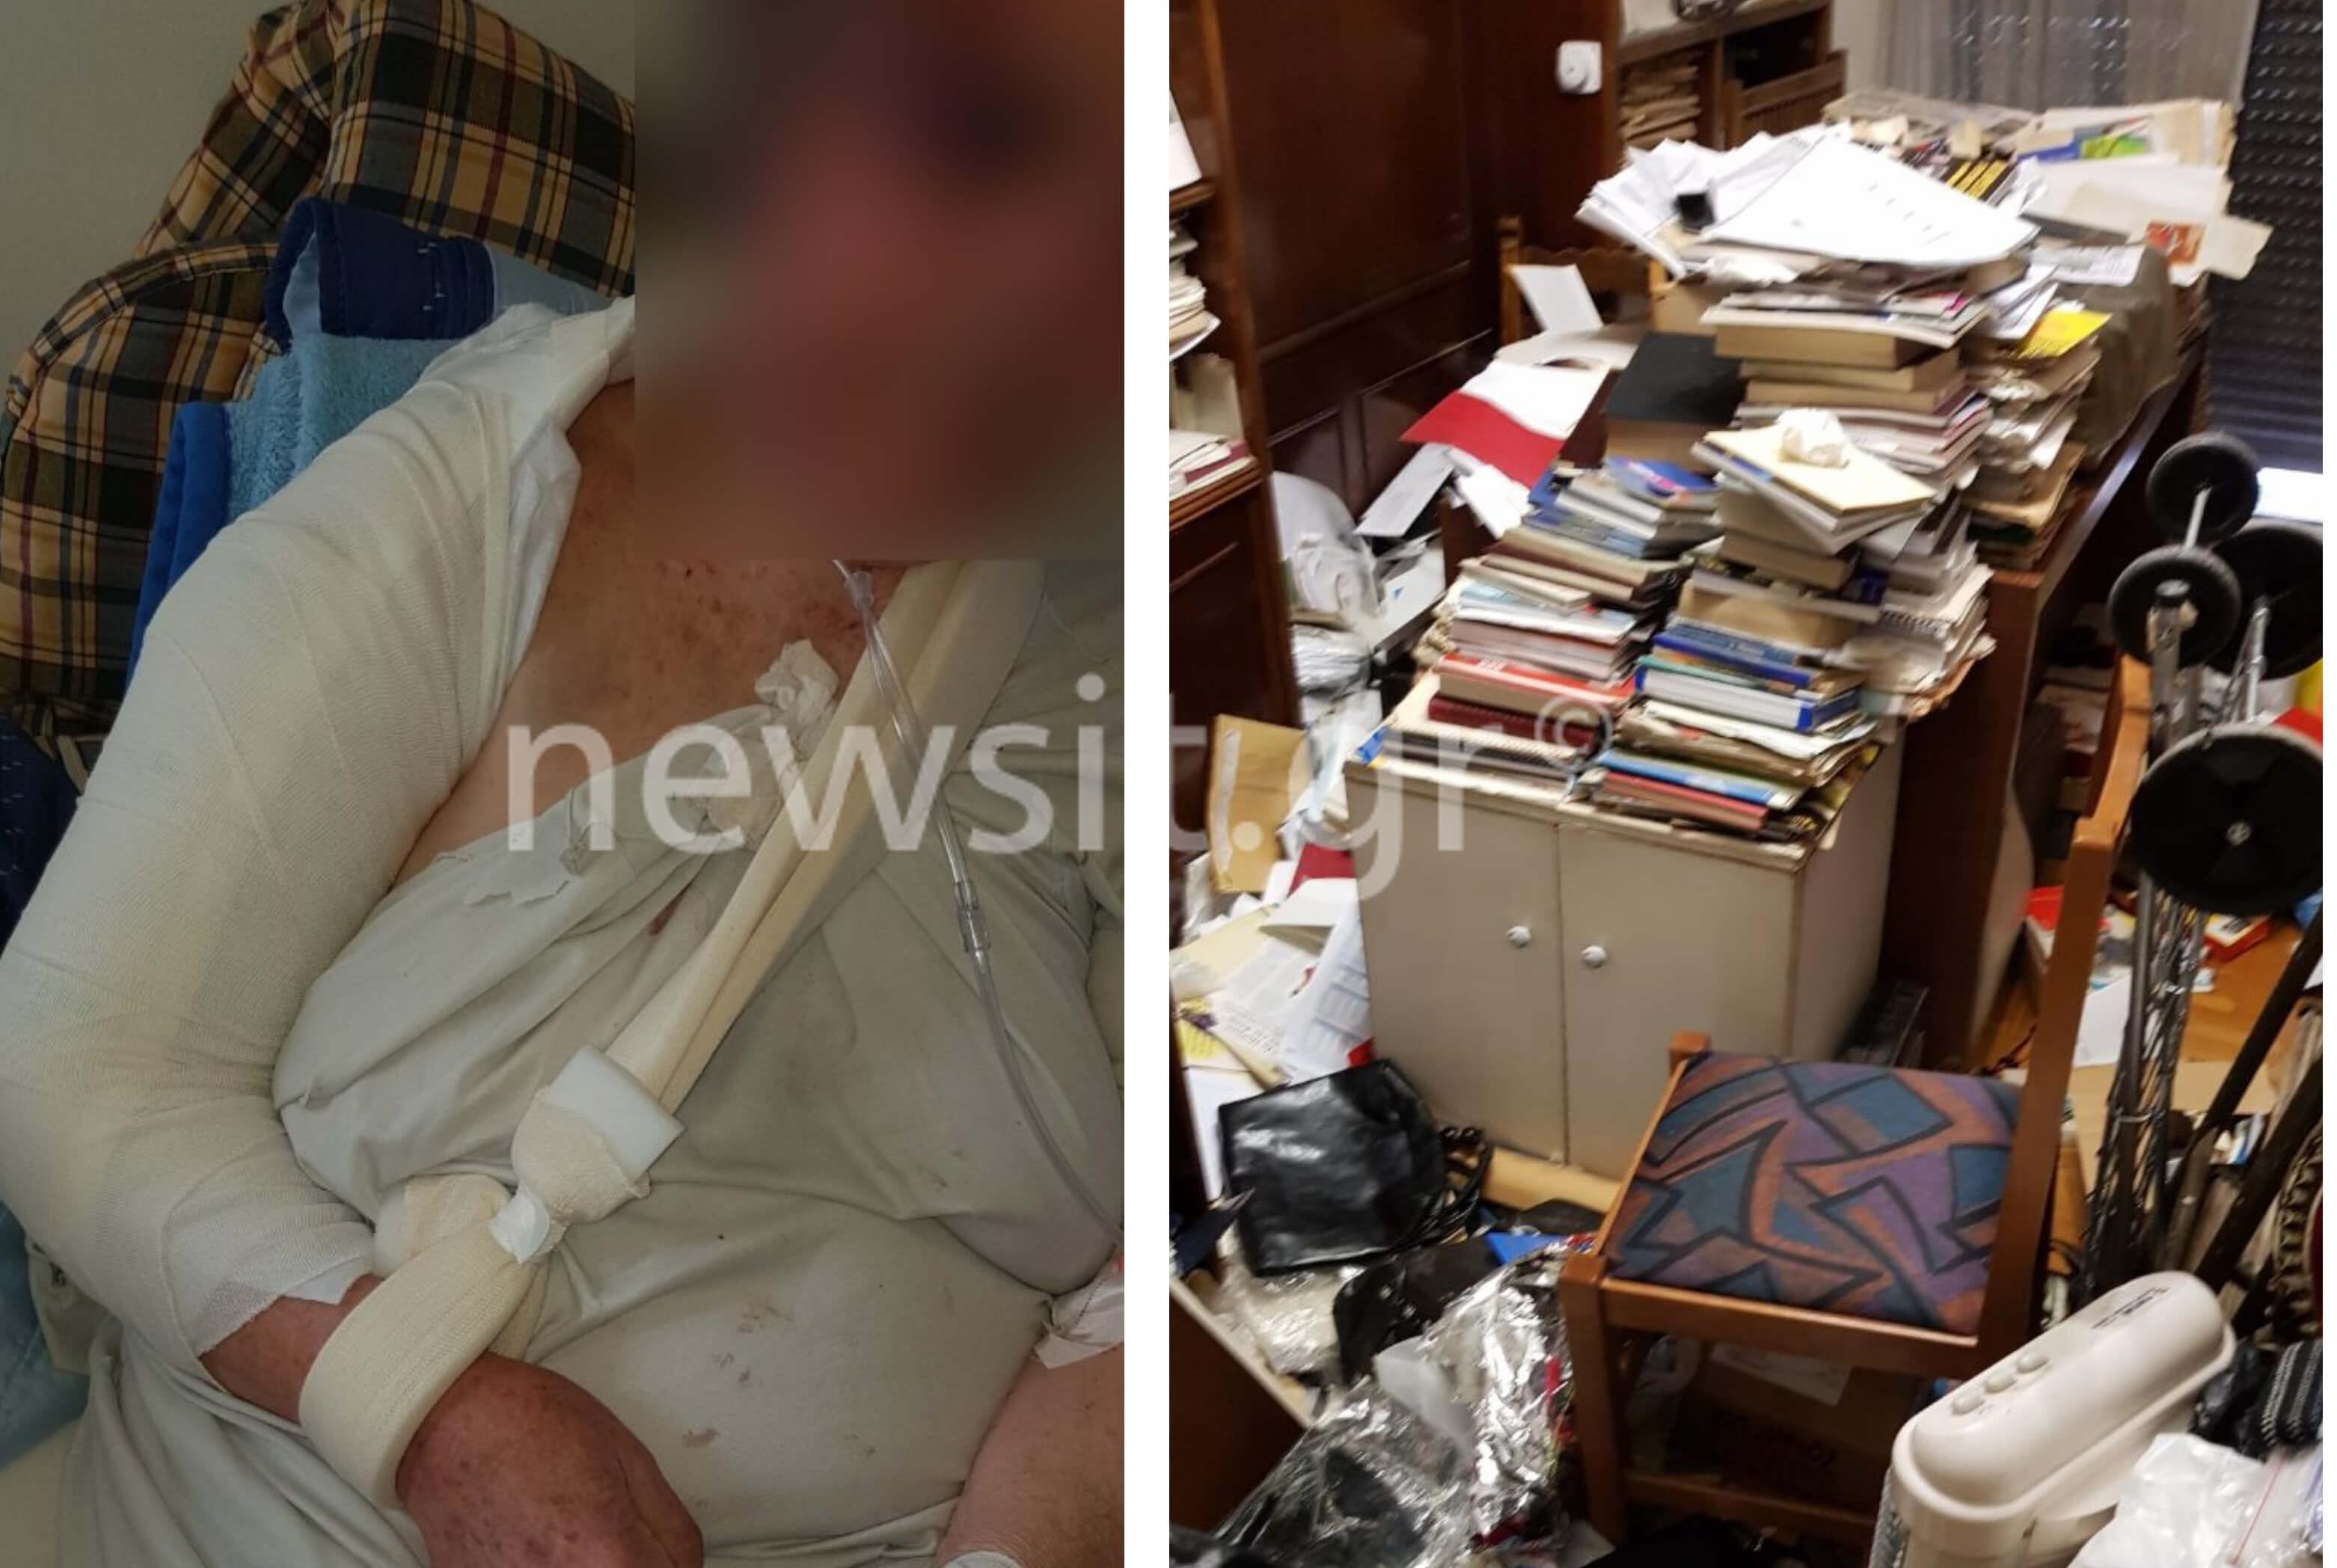 Παγκράτι: Αυτή είναι η 84χρονη που ξυλοκοπήθηκε από ληστές – Σοκαριστικές εικόνες